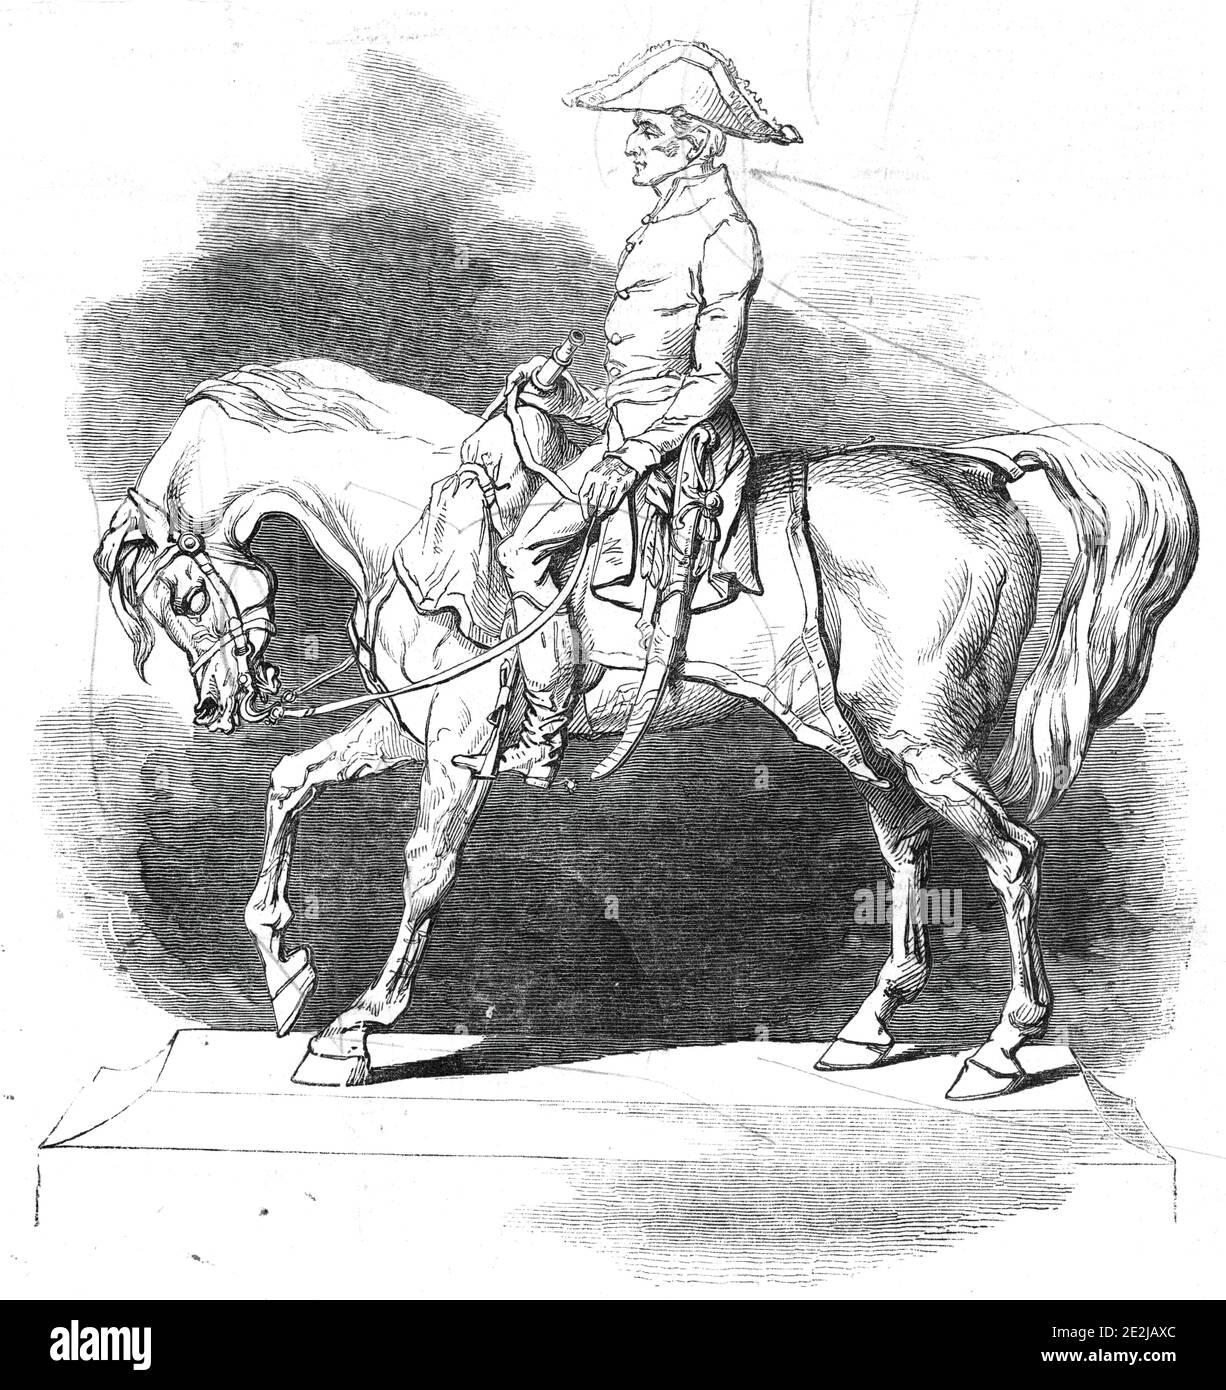 Statuette du duc de Wellington, par le Comte d'Orsay, 1845. « bien que ne dépassant pas deux pieds de hauteur, la statue mérite à peine son appellation réduite; Puisqu'il y a une dignité qui envahit toute la composition, ce qui force le spectateur à perdre entièrement de vue ses proportions relativement petites... le duc est représenté comme regardant le progrès d'une bataille... dans la main droite il tient également un télescope. La pose entière de la figure sur le cheval fait preuve de puissance de conception... cet arrangement, bien qu'il soit purement naturel, aide le contour pyramidal de la composition. Banque D'Images